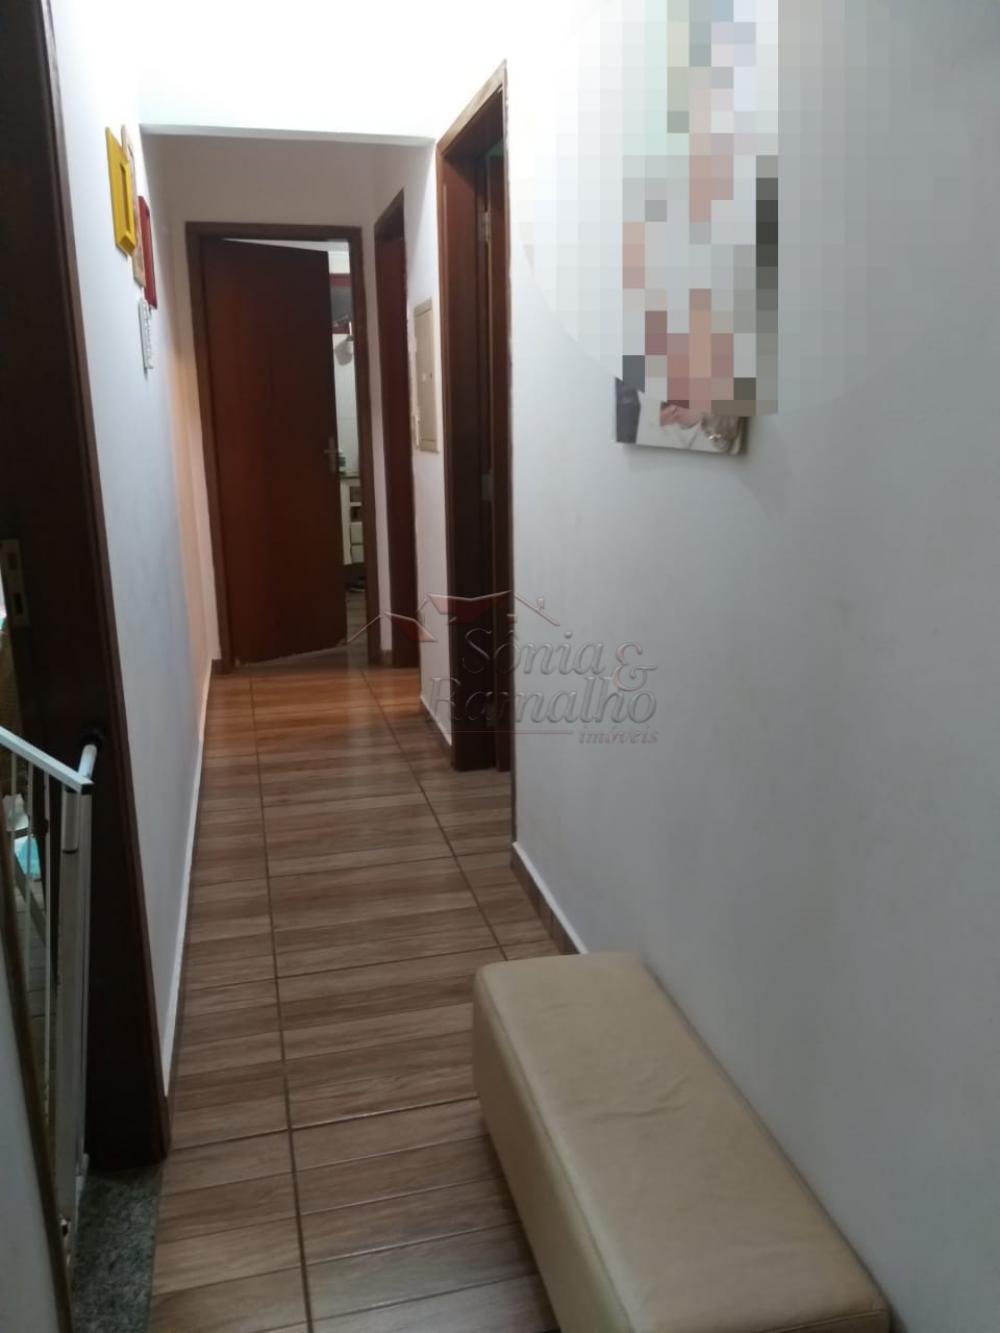 Comprar Apartamentos / Padrão em Ribeirão Preto apenas R$ 196.000,00 - Foto 26